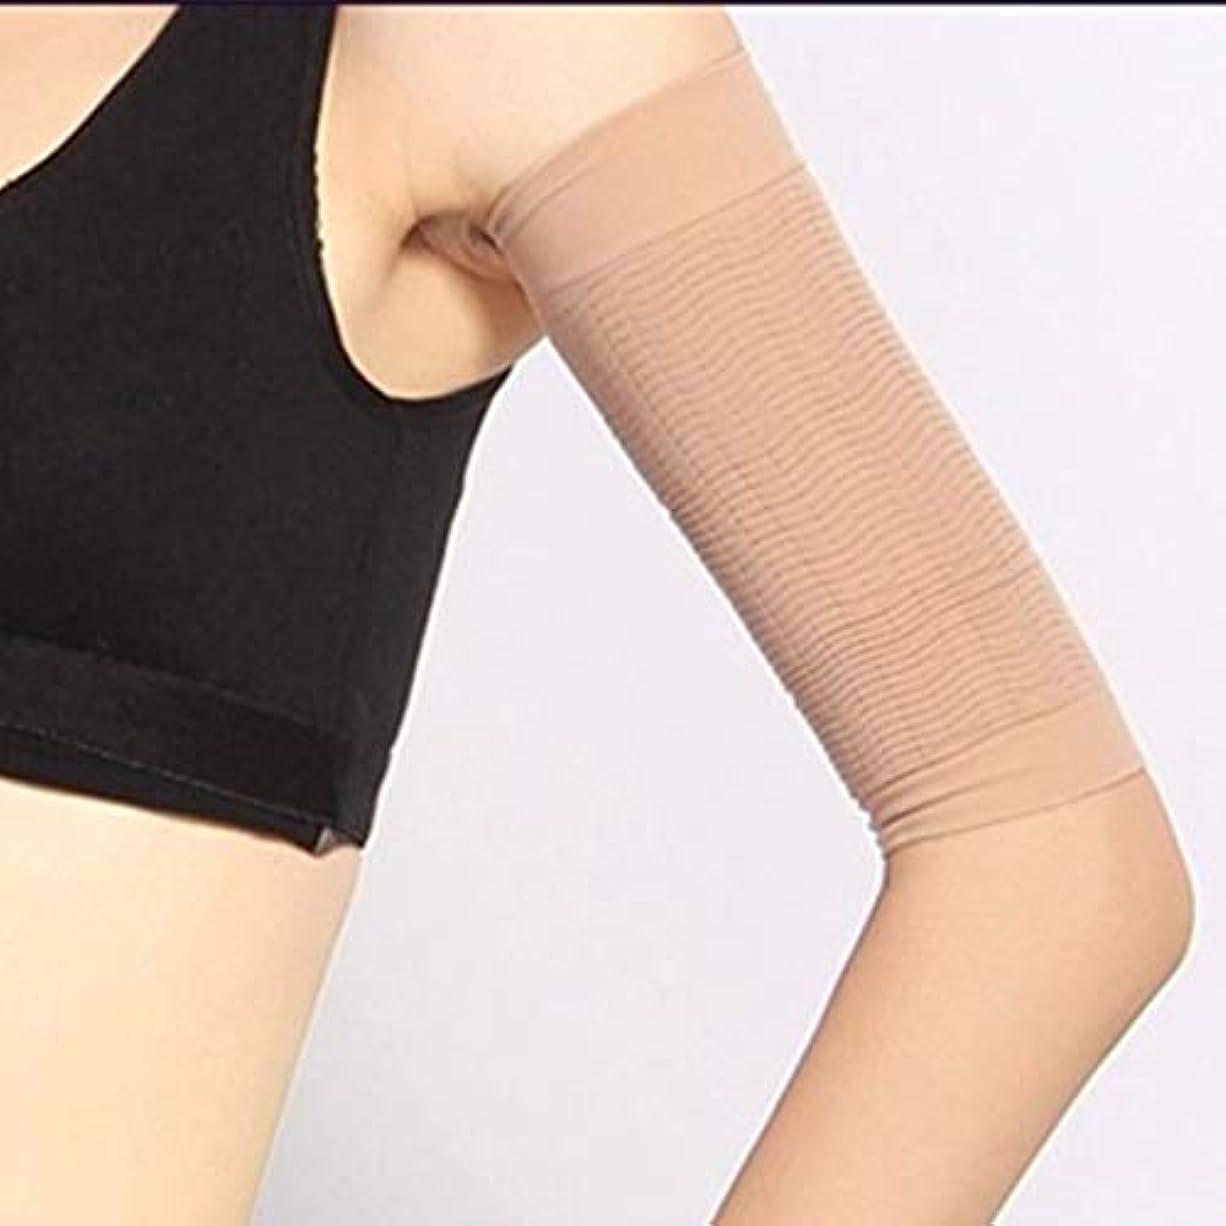 ガウン自己尊重パネル1ペア420 D圧縮痩身アームスリーブワークアウトトーニングバーンセルライトシェイパー脂肪燃焼袖用女性 - 肌色